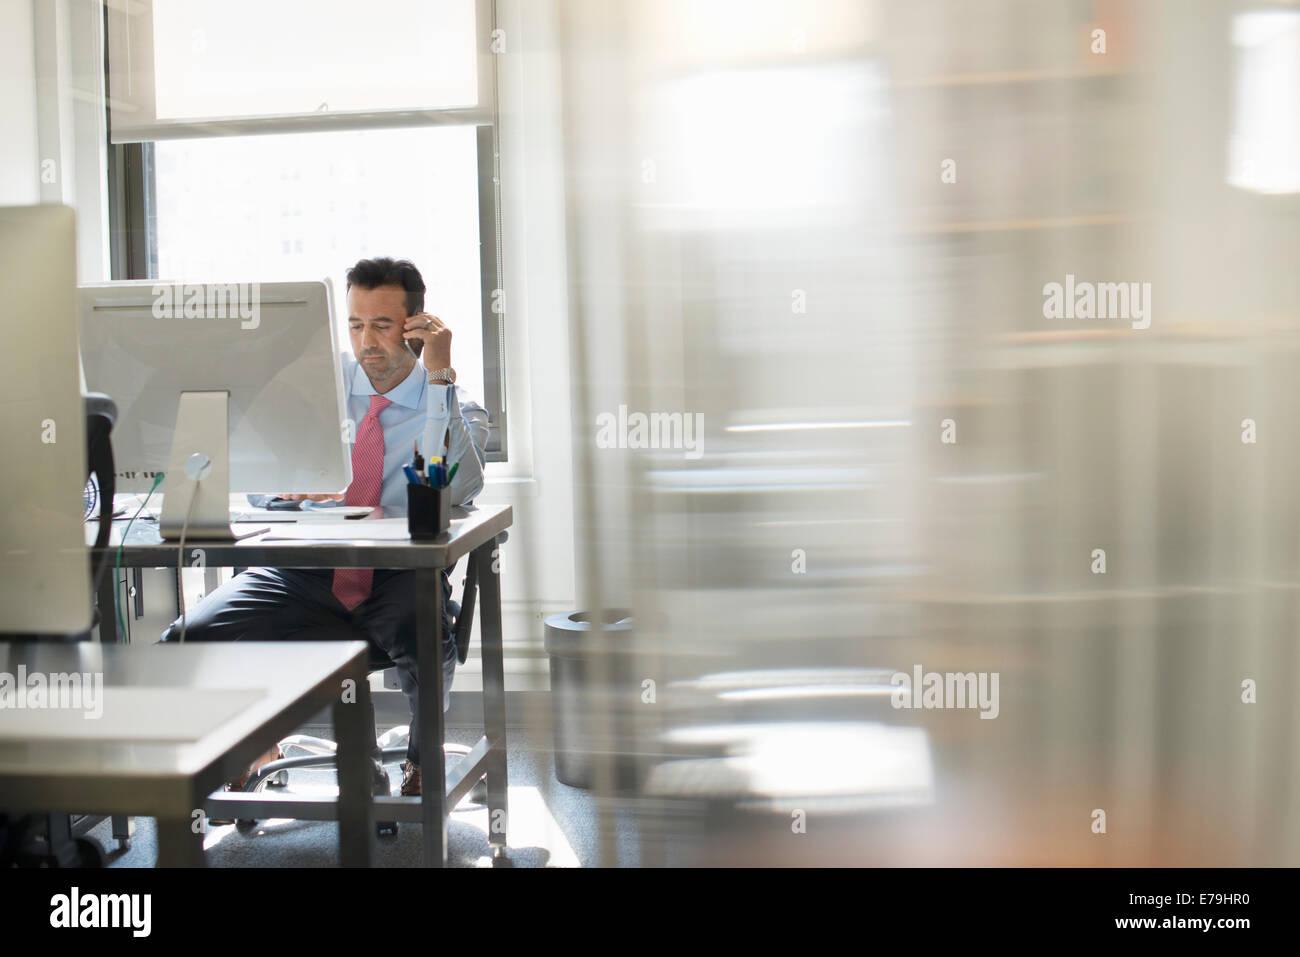 Un hombre sentado en una pantalla de computadora en su propio trabajo. Imagen De Stock